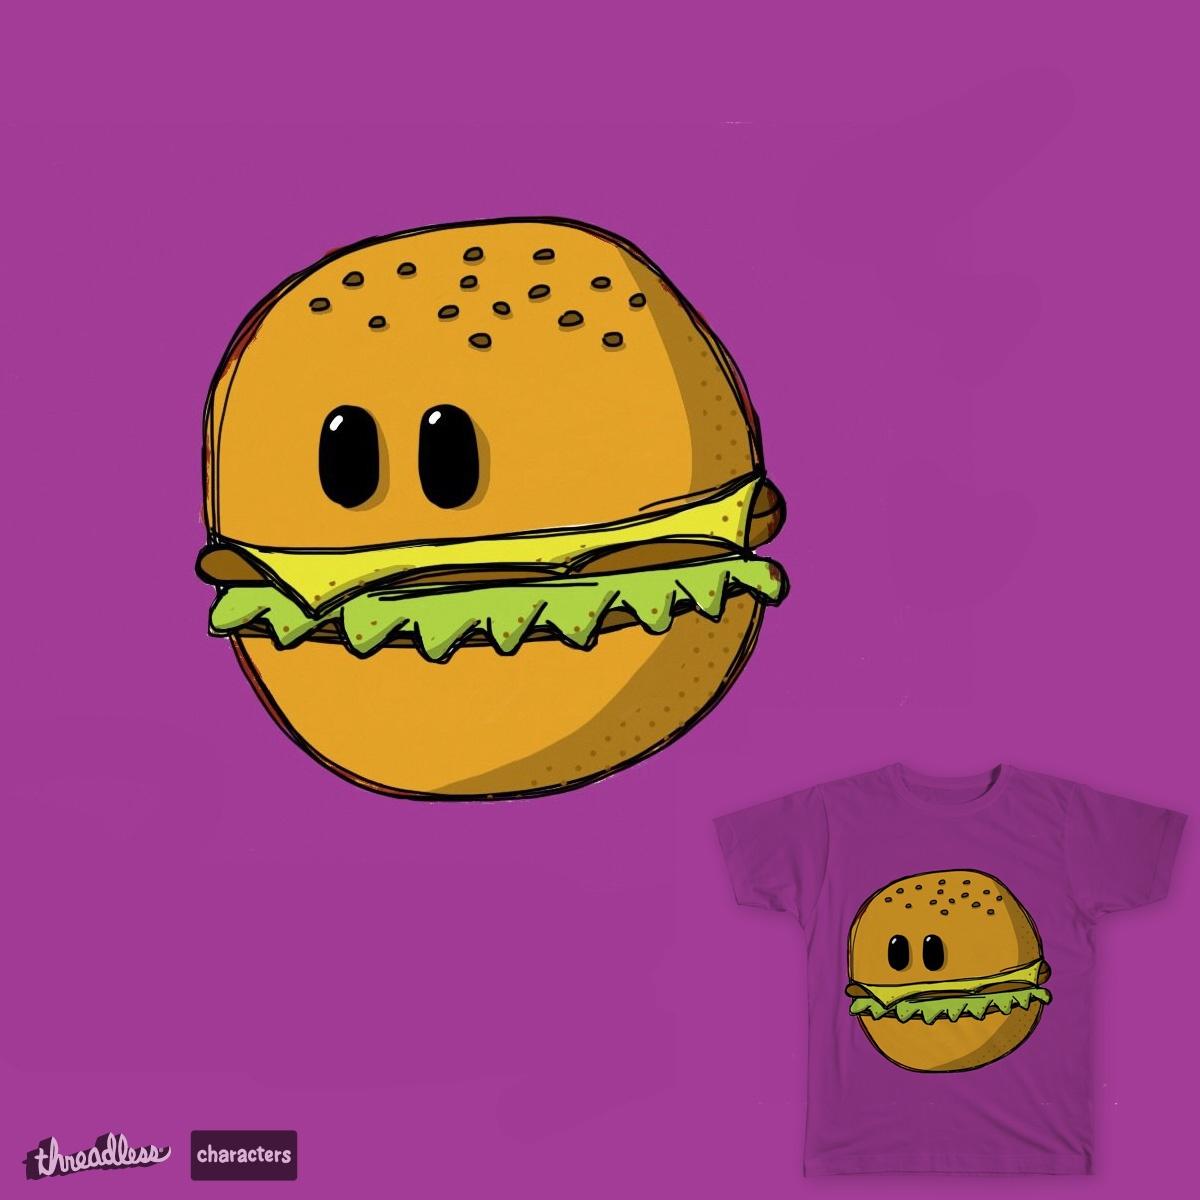 Cute hamburger with eyes. by cherniyman on Threadless